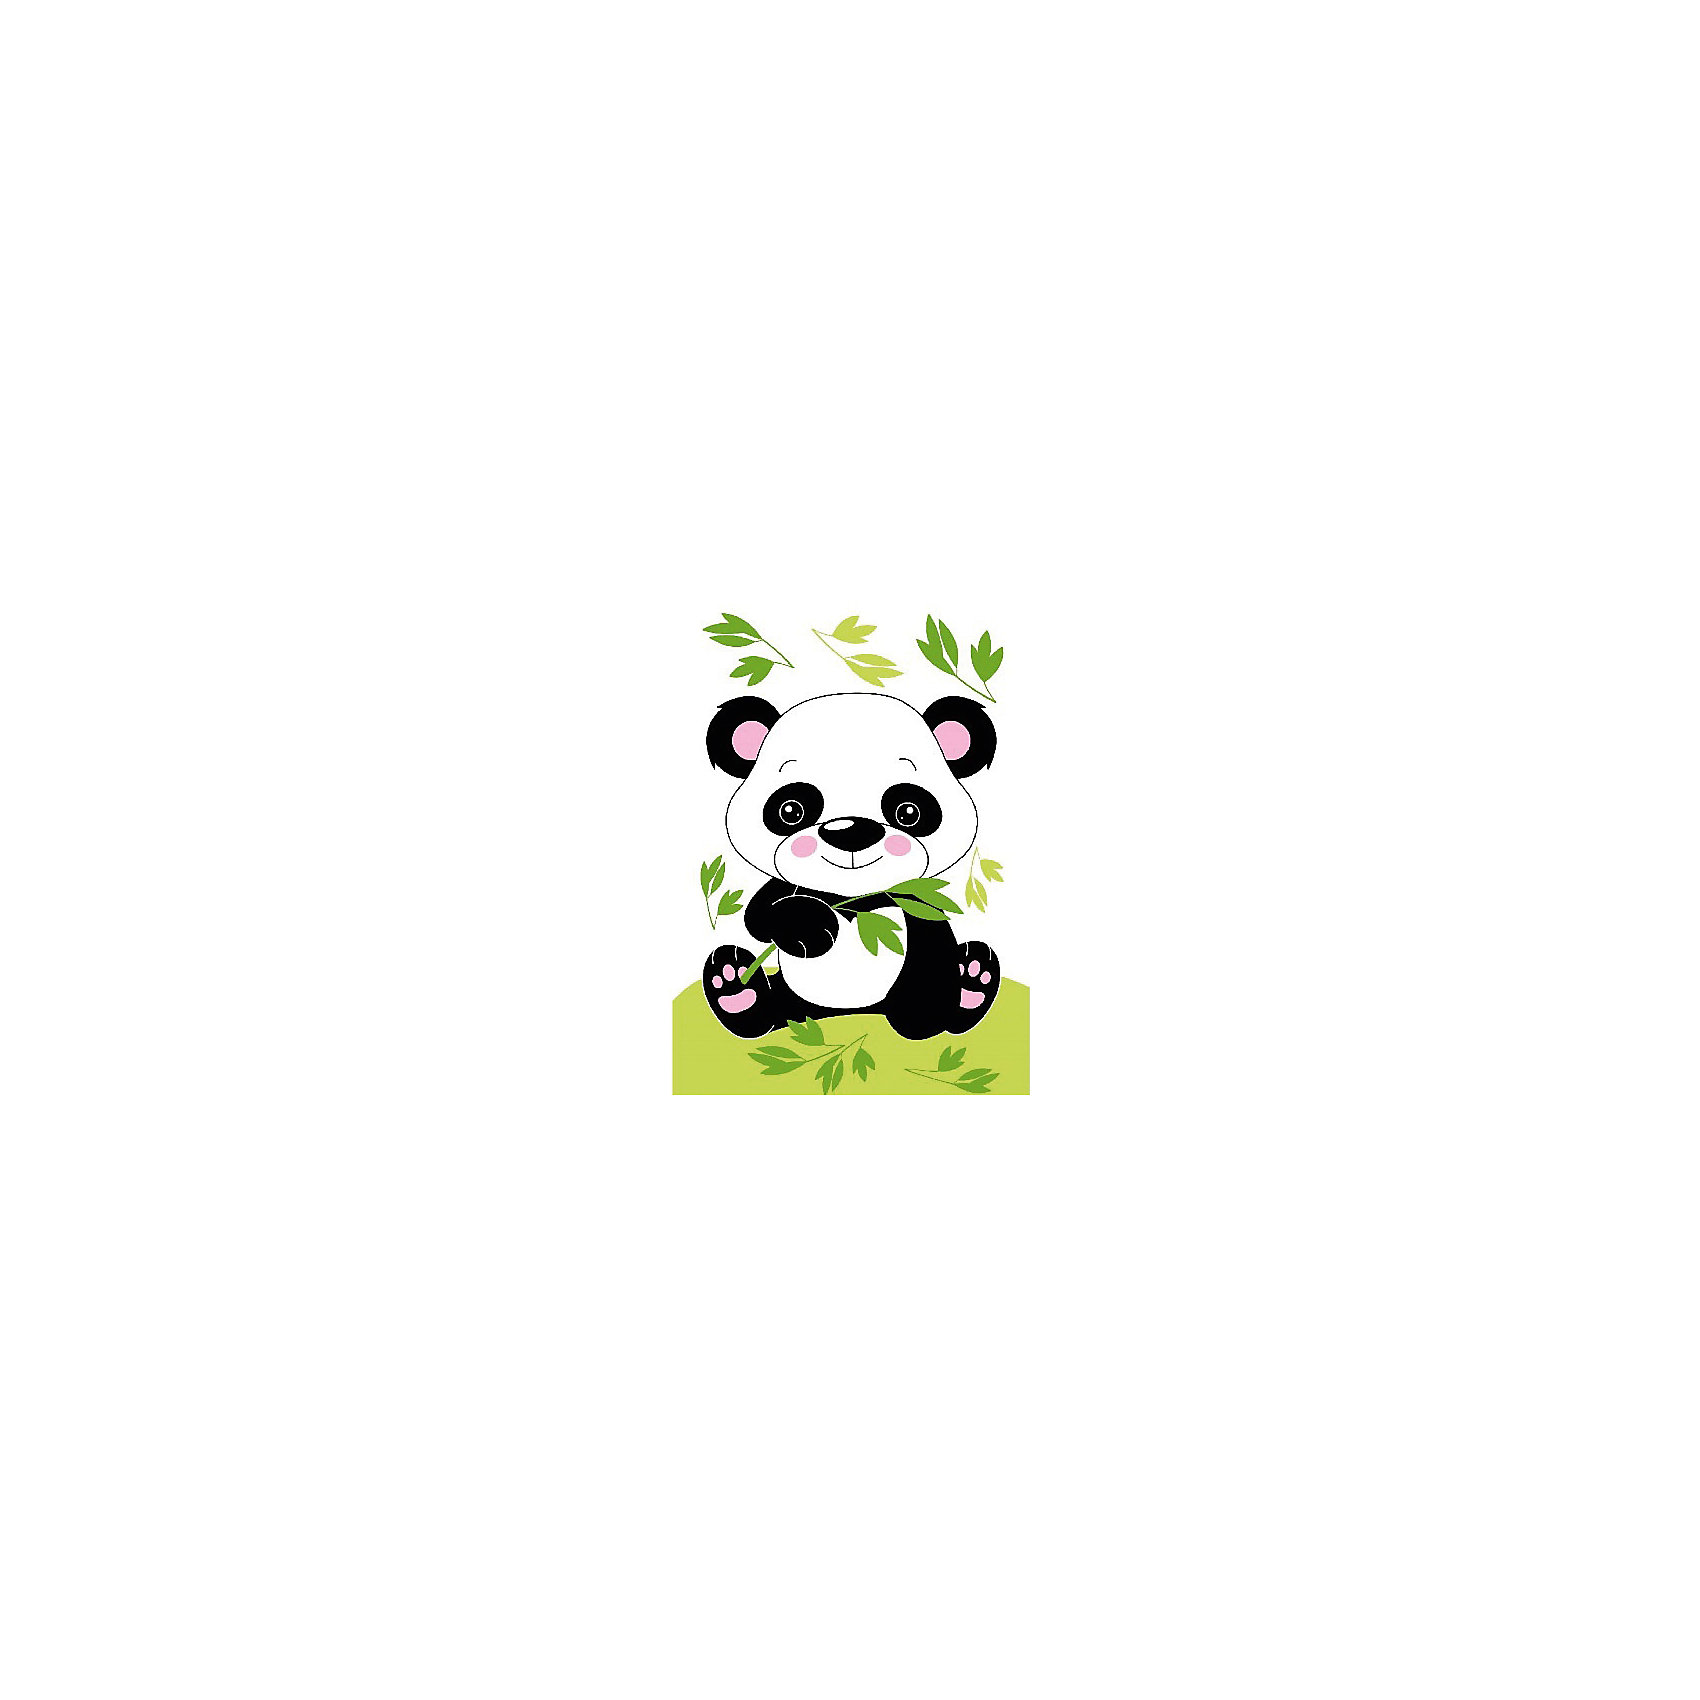 Набор юного художника Маленькая панда, 20*30 смРисование<br>Детские картины с раскраской по номерам размером 20*30. На деревянном подрамнике, с прогрунтованным холстом и  нанесенными контурами картины, с указанием цвета закраски, акриловыми красками, 3 кисточками и креплением на стену. Уровень сложности, количество красок указаны на коробке.<br><br>Ширина мм: 300<br>Глубина мм: 200<br>Высота мм: 30<br>Вес г: 330<br>Возраст от месяцев: 60<br>Возраст до месяцев: 108<br>Пол: Унисекс<br>Возраст: Детский<br>SKU: 5417657